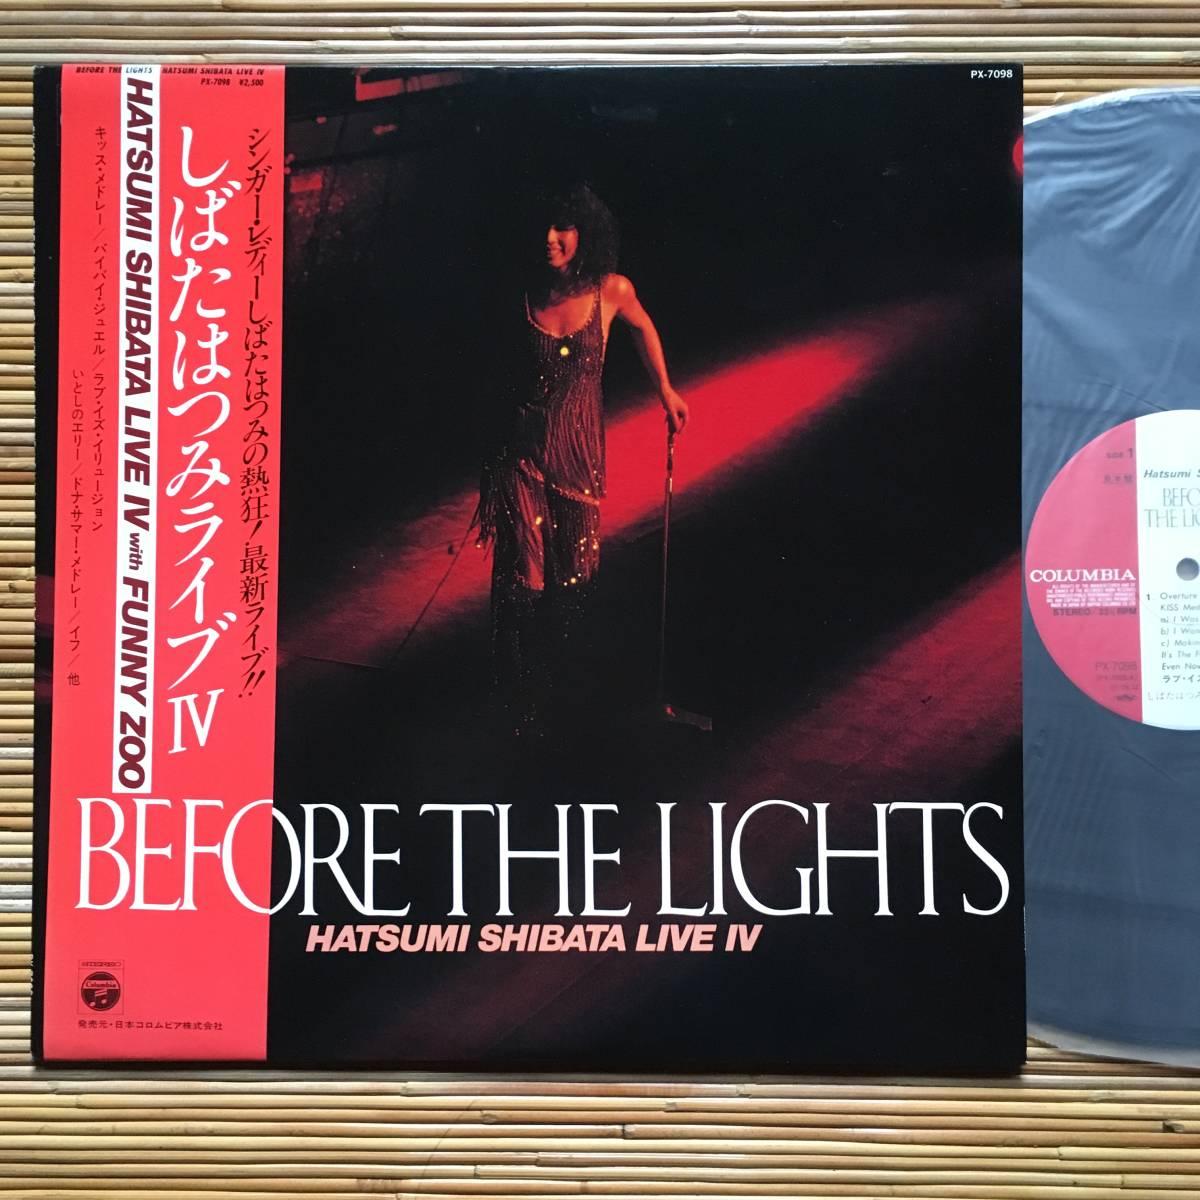 《見本盤・美盤》しばたはつみ『ライブⅣ BEFORE THE LIGHTS』LP~和モノ/Light Mellow/にほ_画像1